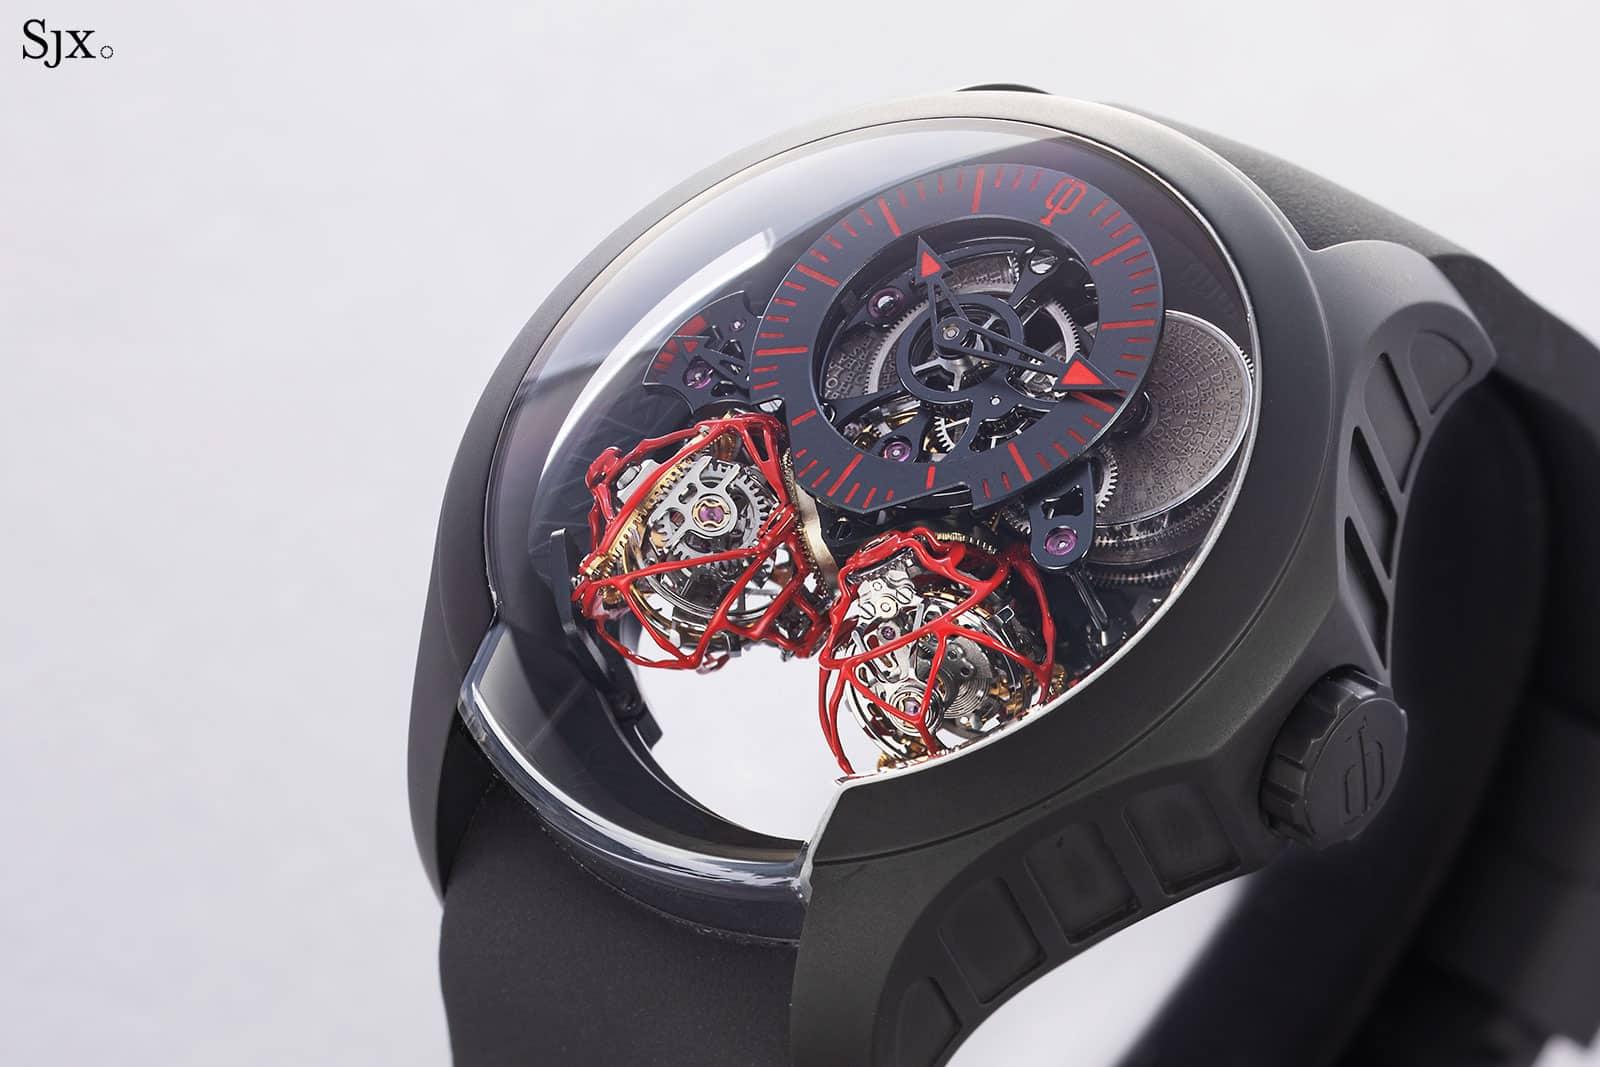 นาฬิกาแบรนด์หรู